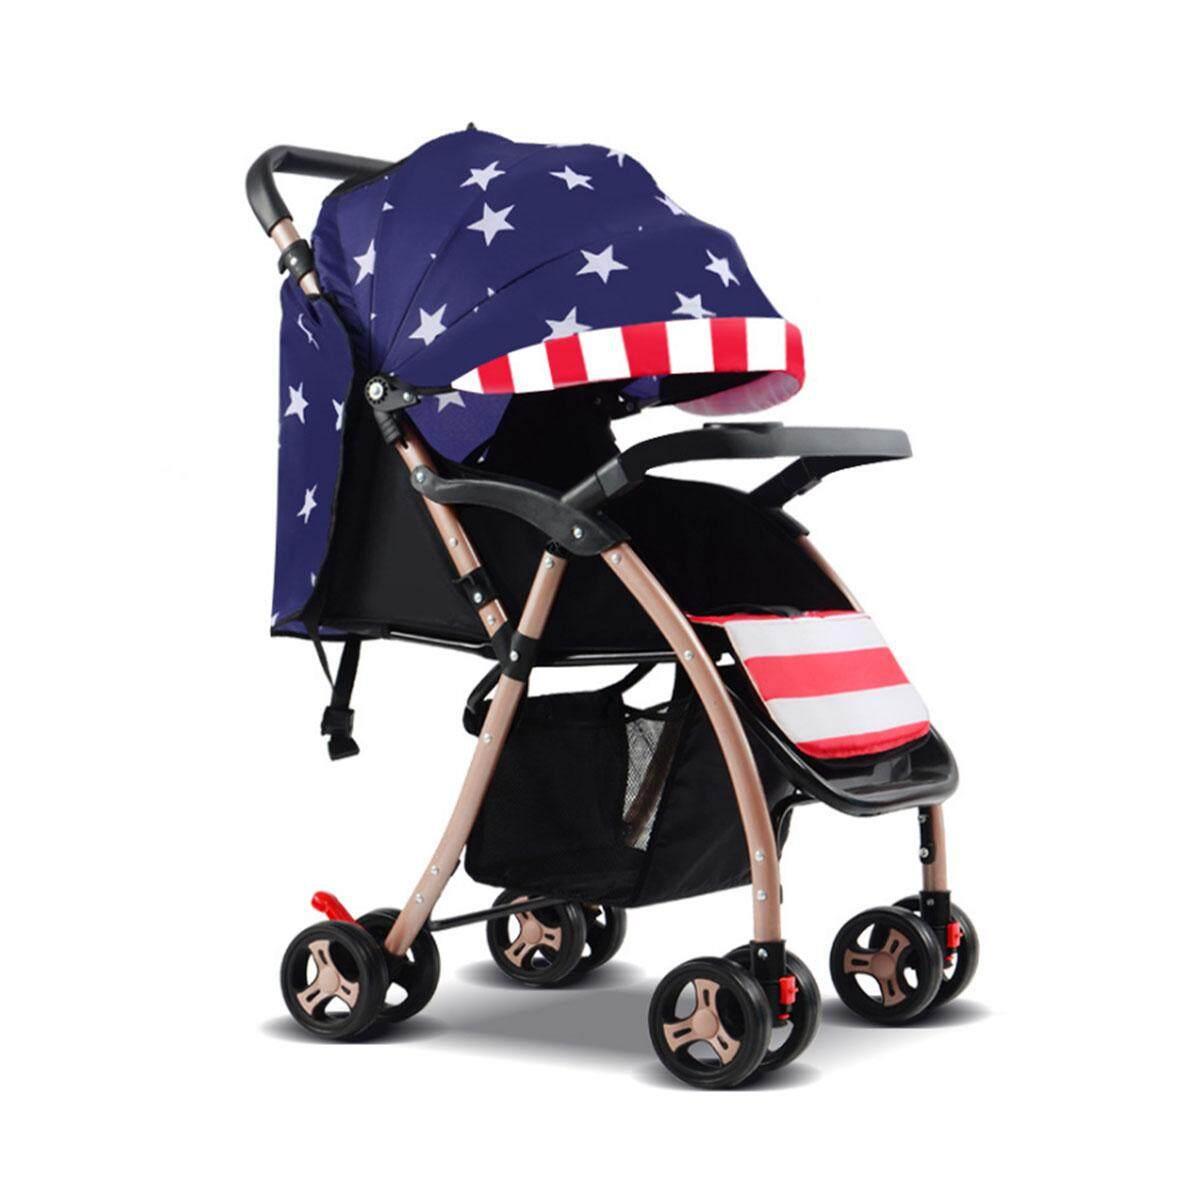 ลดล้างสต๊อกส่งท้ายปี Unbranded/Generic รถเข็นเด็กแบบนอน ทารกแรกเกิดน้ำหนักเบาพับรถเข็นเด็ก Prams รถเข็นเด็ก Travel Carry On - INTL มีของแถม